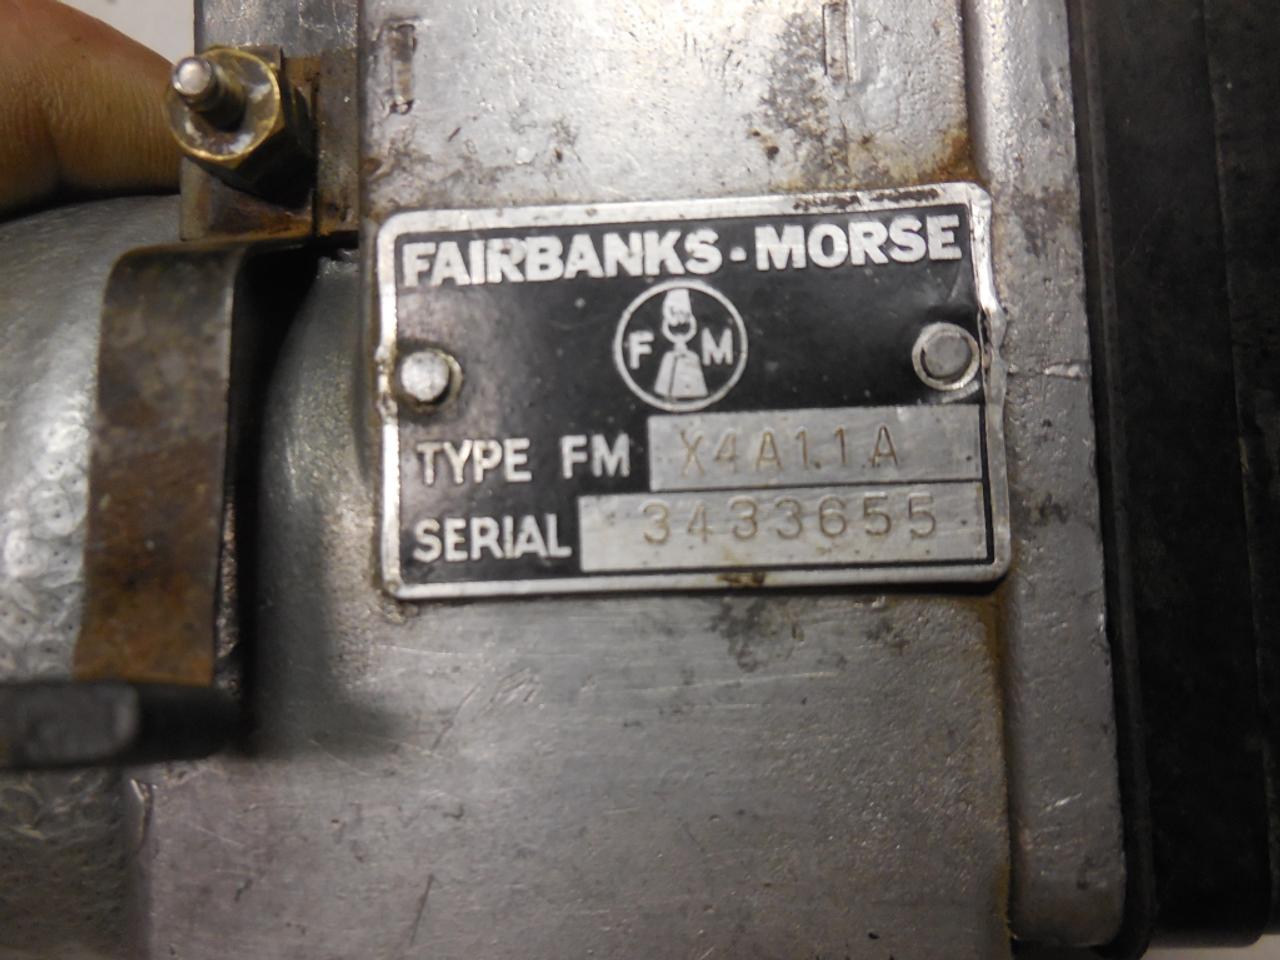 International O9 Fairbanks Morse FMJ4A11A Magneto